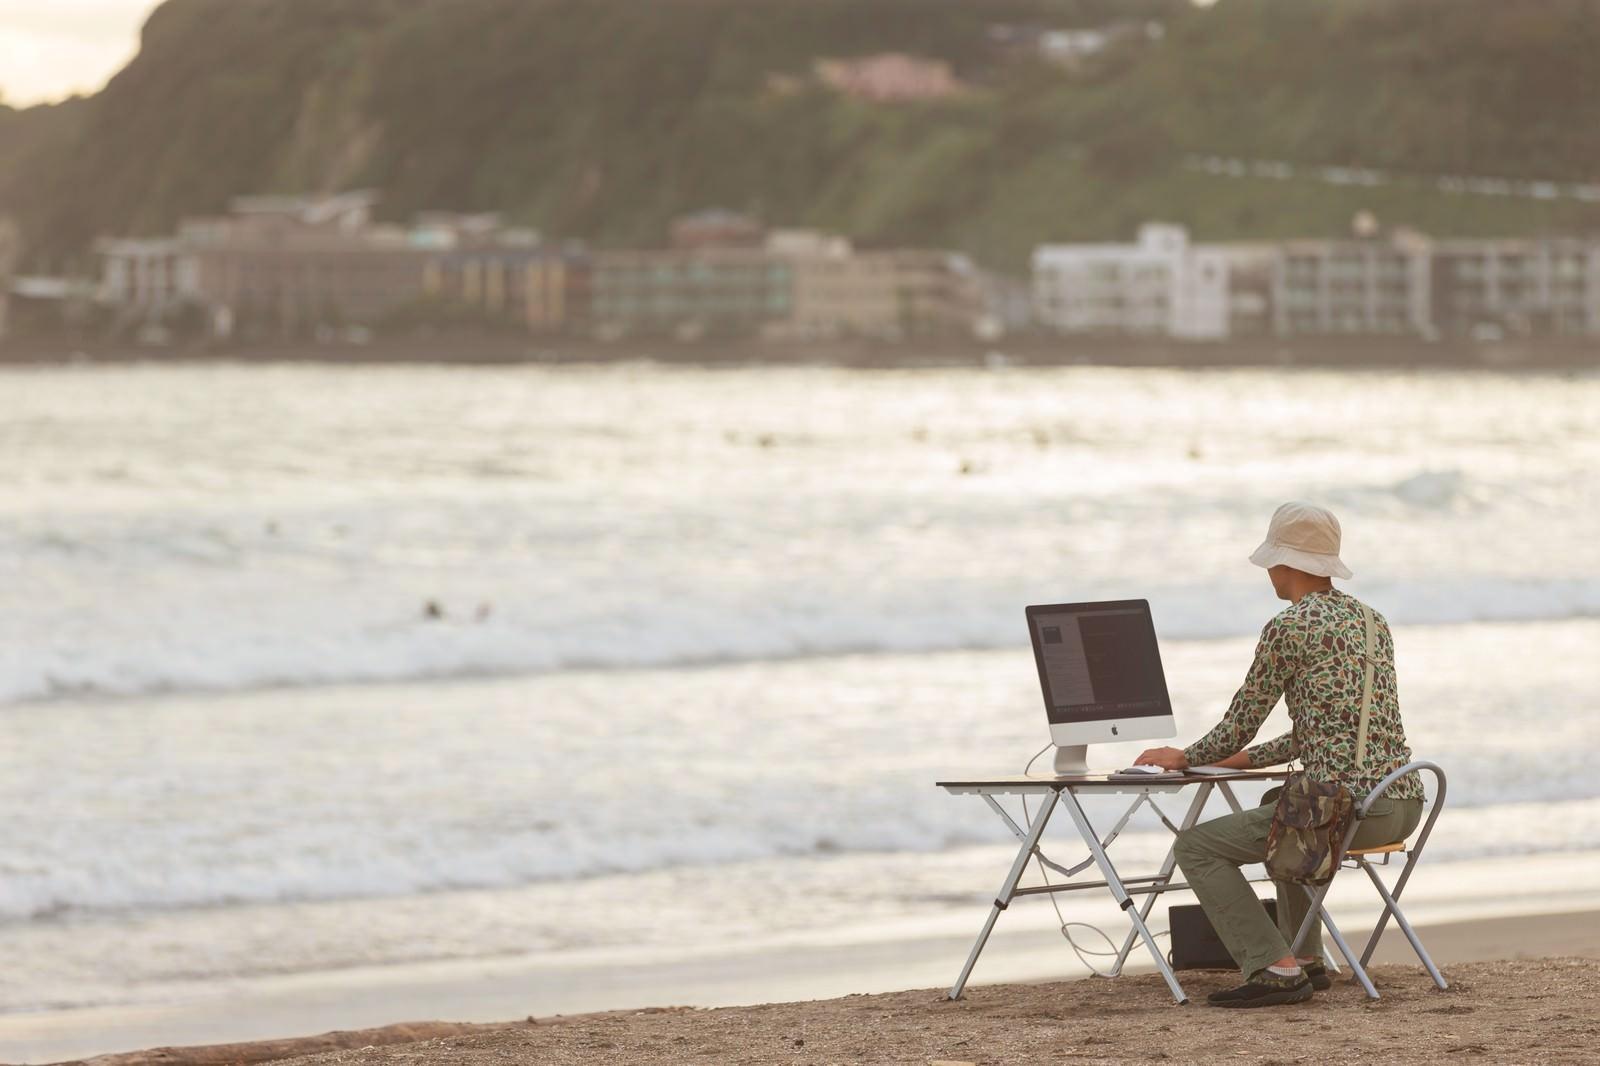 「そろそろ終電だな、と焦るWebクリエイター」の写真